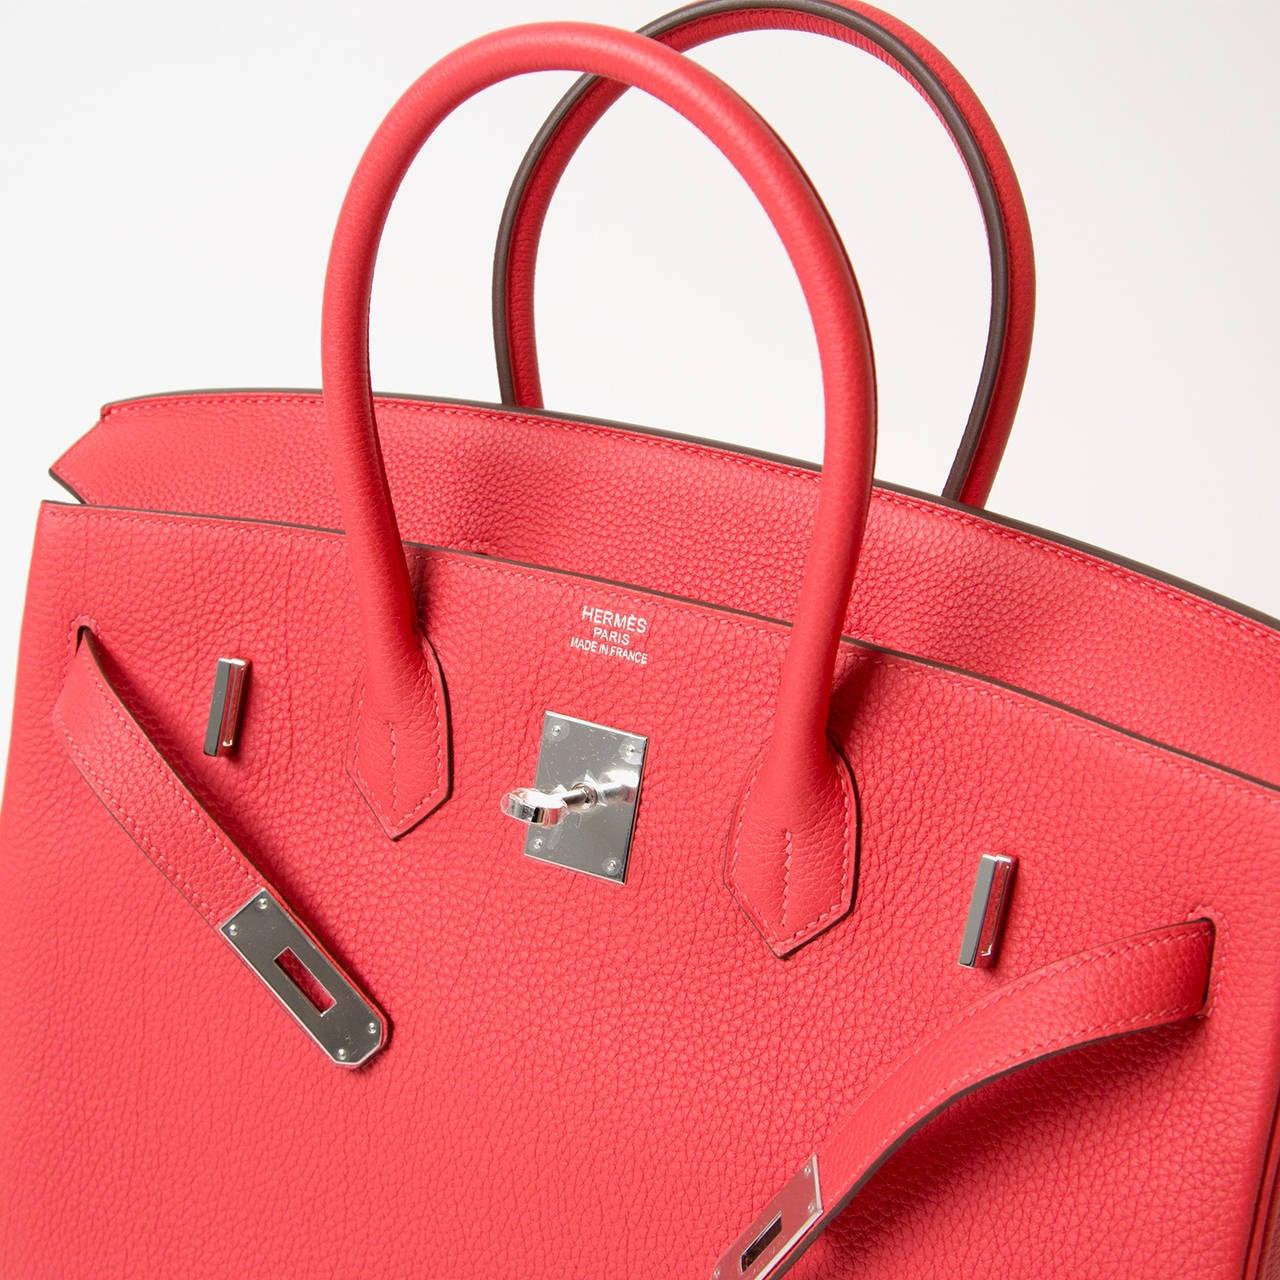 sac kelly hermes - Brand New Hermes Togo Birkin 35 cm Rouge Pivoine PHW at 1stdibs